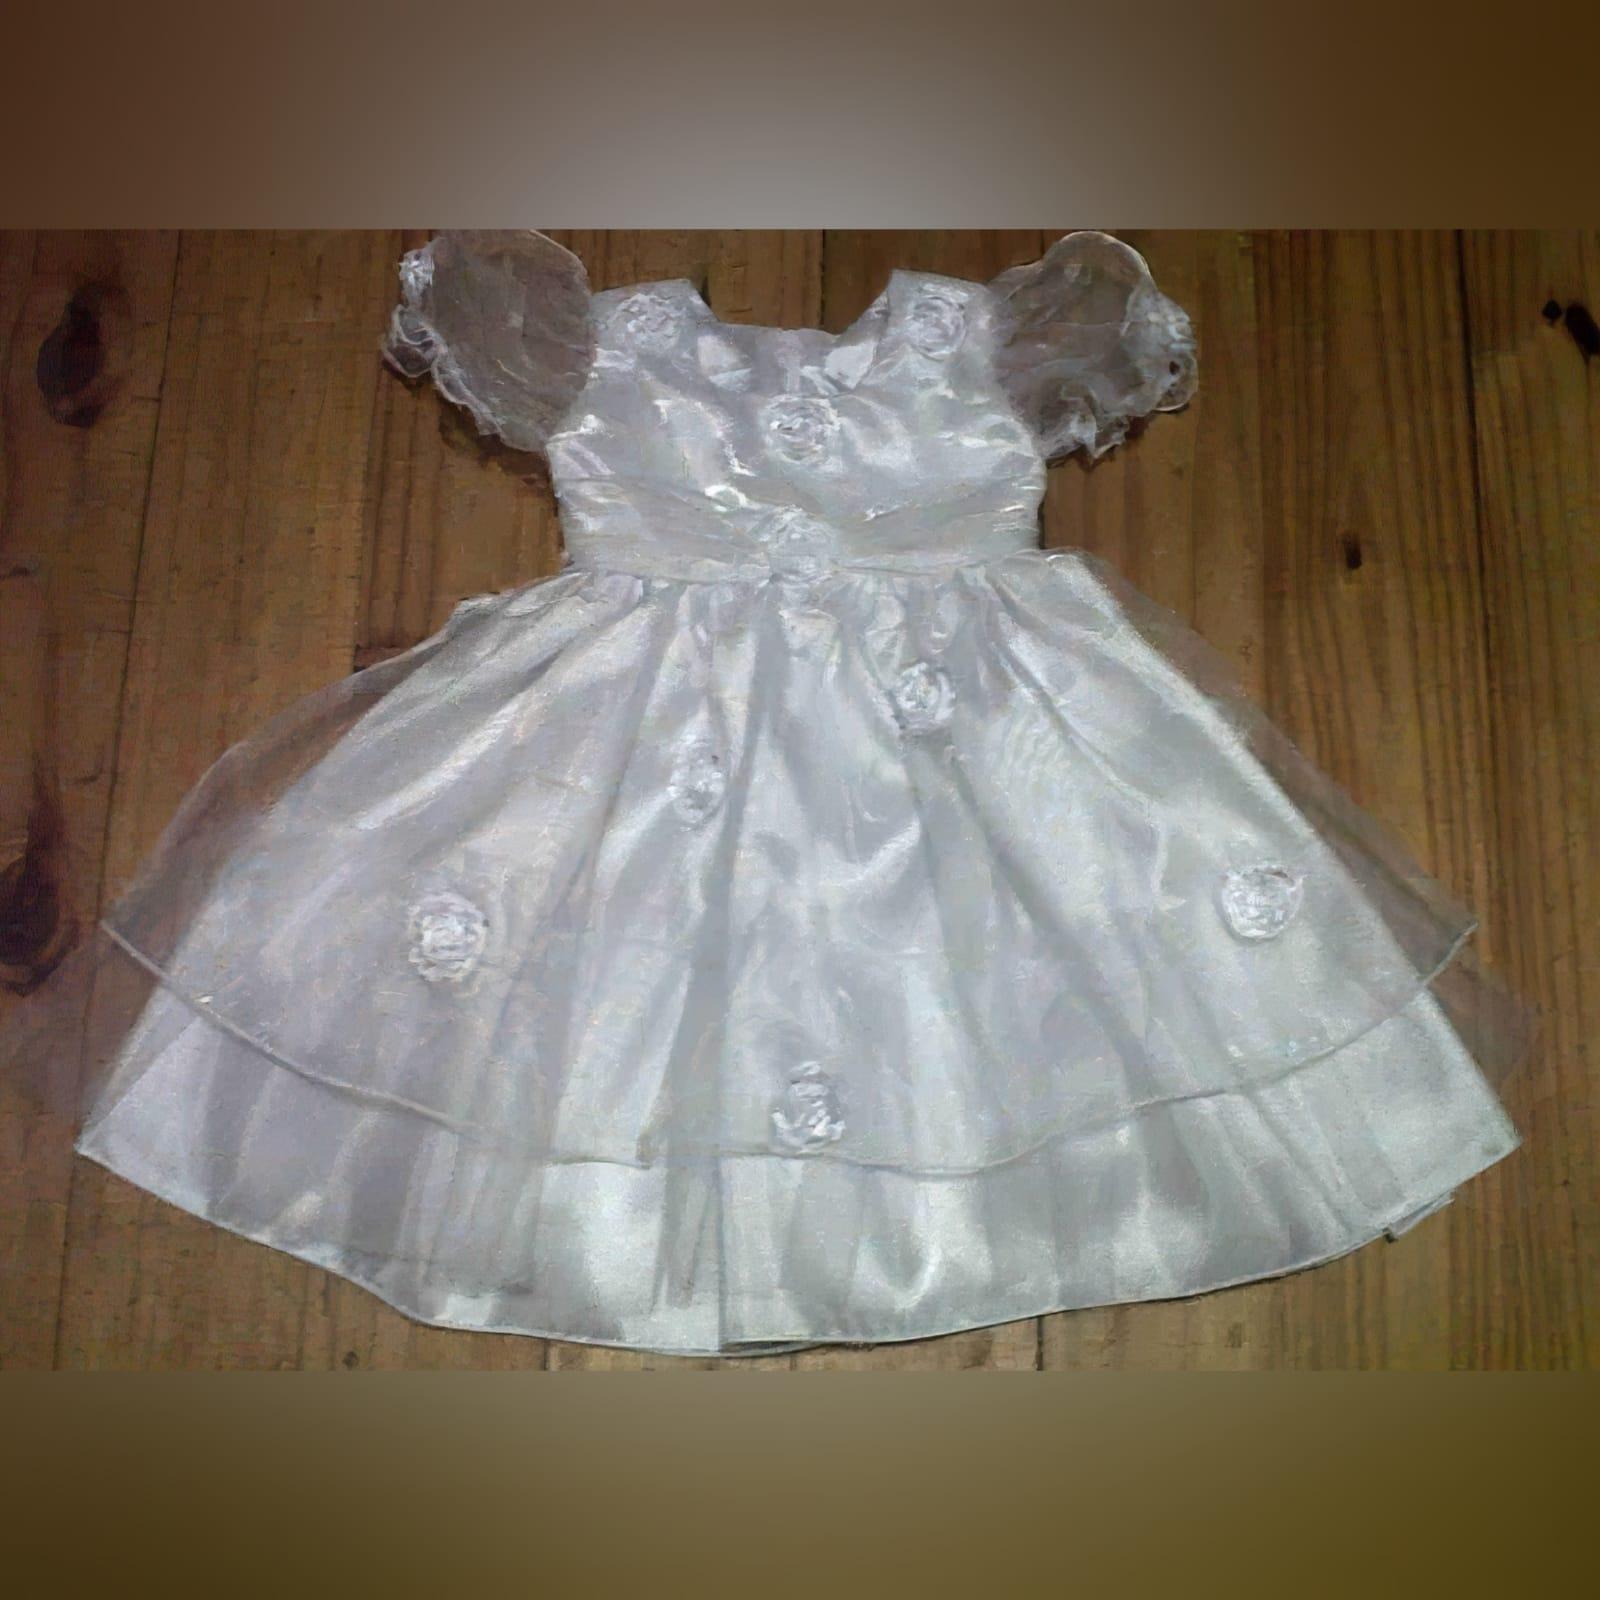 Vestido de batizado branco de cetim 2 vestido de baptismo / batizado branco feito em cetim com dois camadas de organza. Mangas curtas e um cinto reúnido. Vestido detalhado com flores